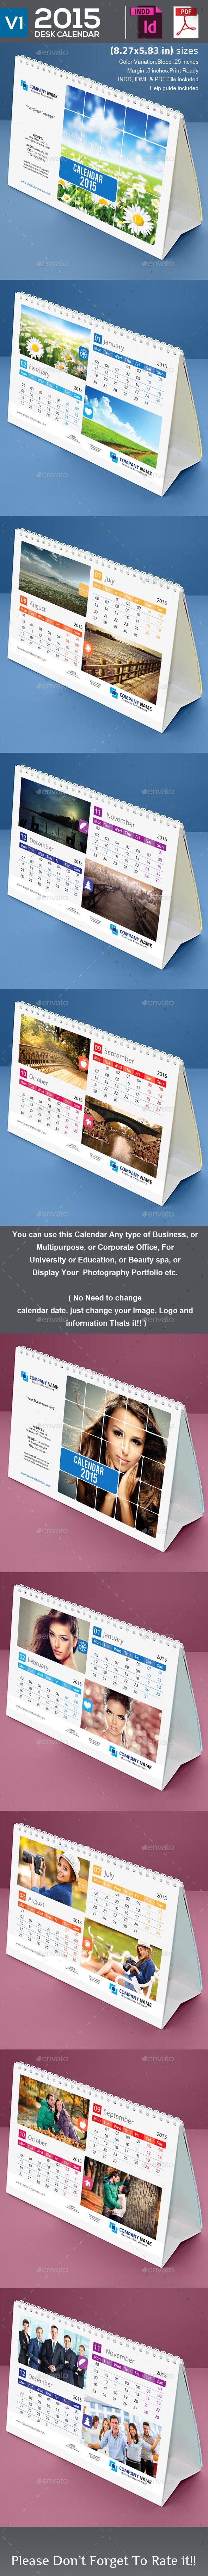 GraphicRiver 2015 Desk Calendar V1 9237357